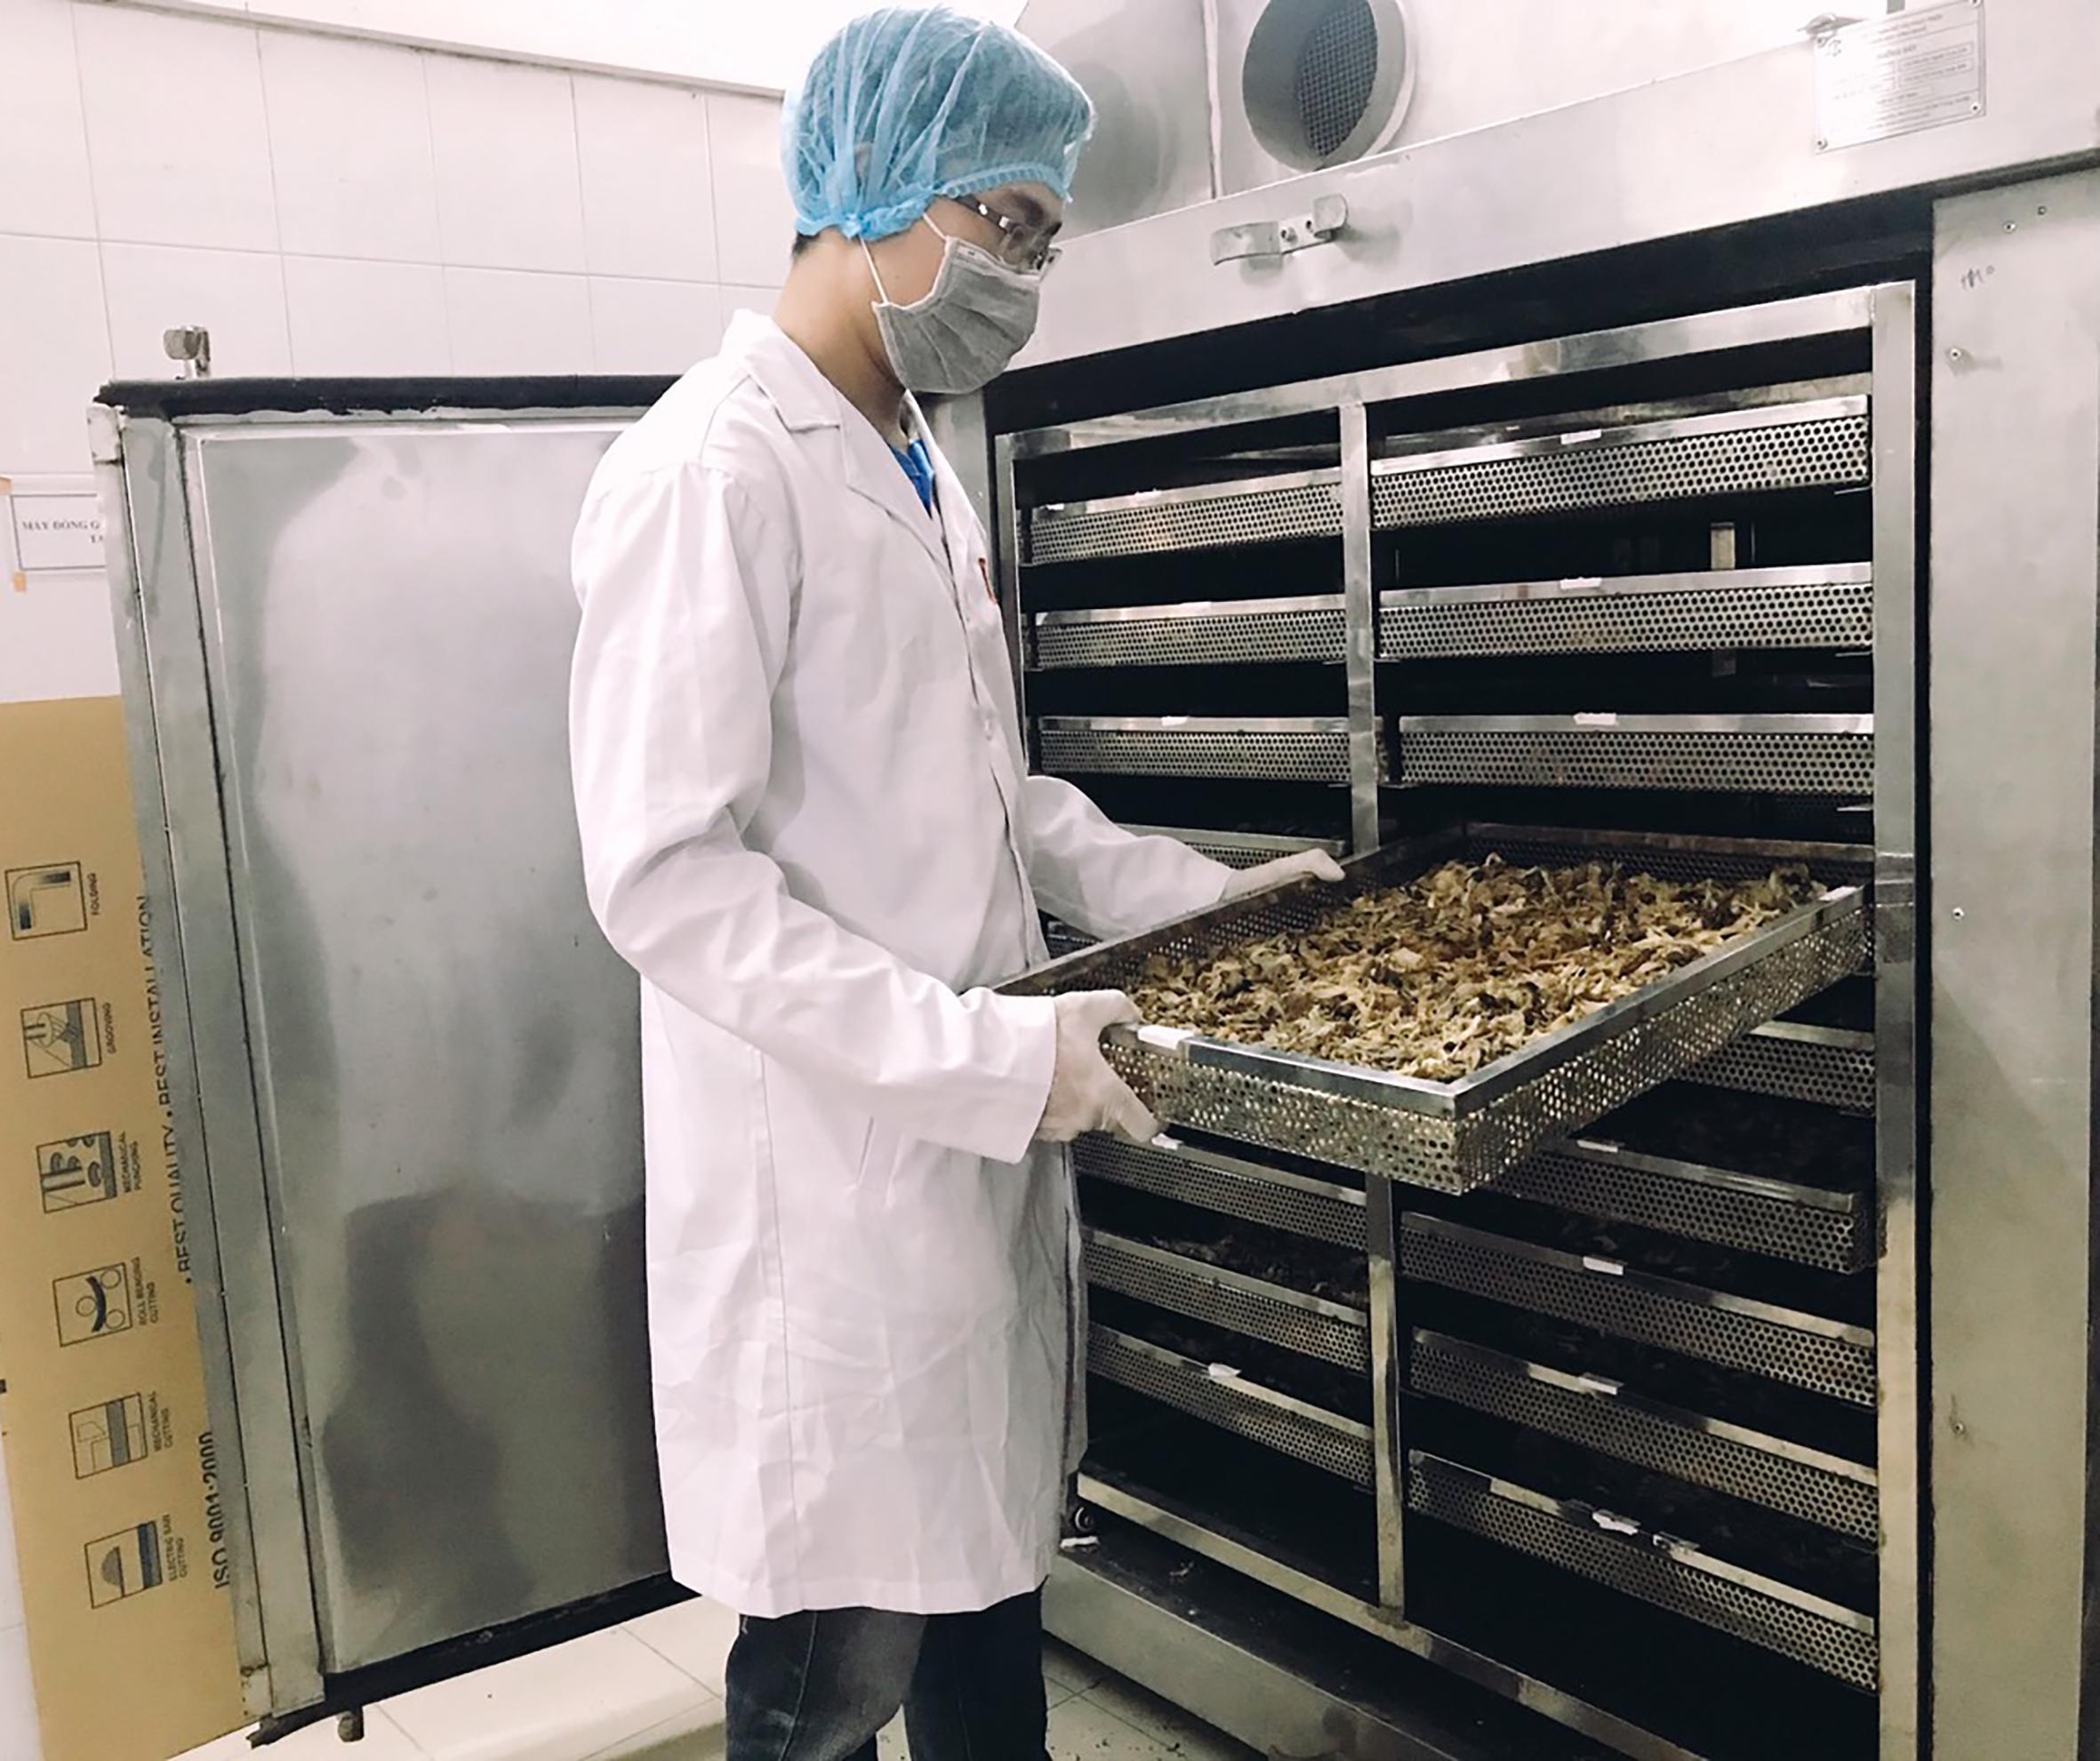 Chế biến nấm tại công ty Nấm lý tưởng, đơn vị được thụ hưởng tài trợ để chế biến lấy nấm làm nguyên liệu chính để tạo ra các sản phẩm sơ chế hoặc ăn liền nhằm khai thác triệt để giá trị của nấm. Hiện nay các sản phẩm nấm chế biến đã lên kệ siêu thị lớn như Big C, Aeon hay BRG.